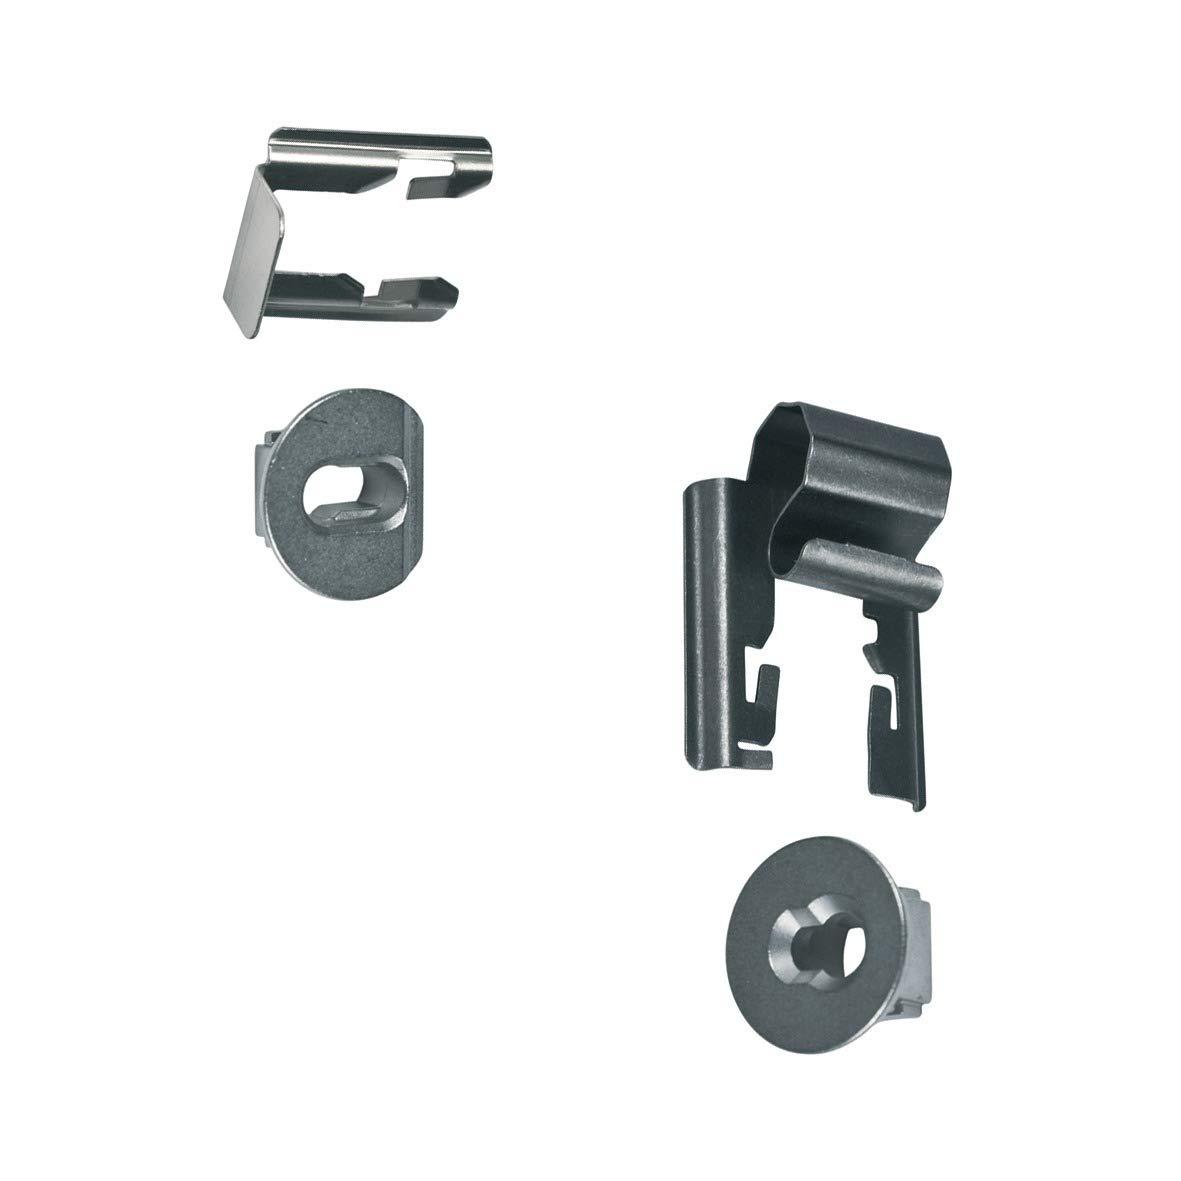 Buchsenset Einhängegitter rechts links Backofen ORIGINAL Bosch Siemens 00631174